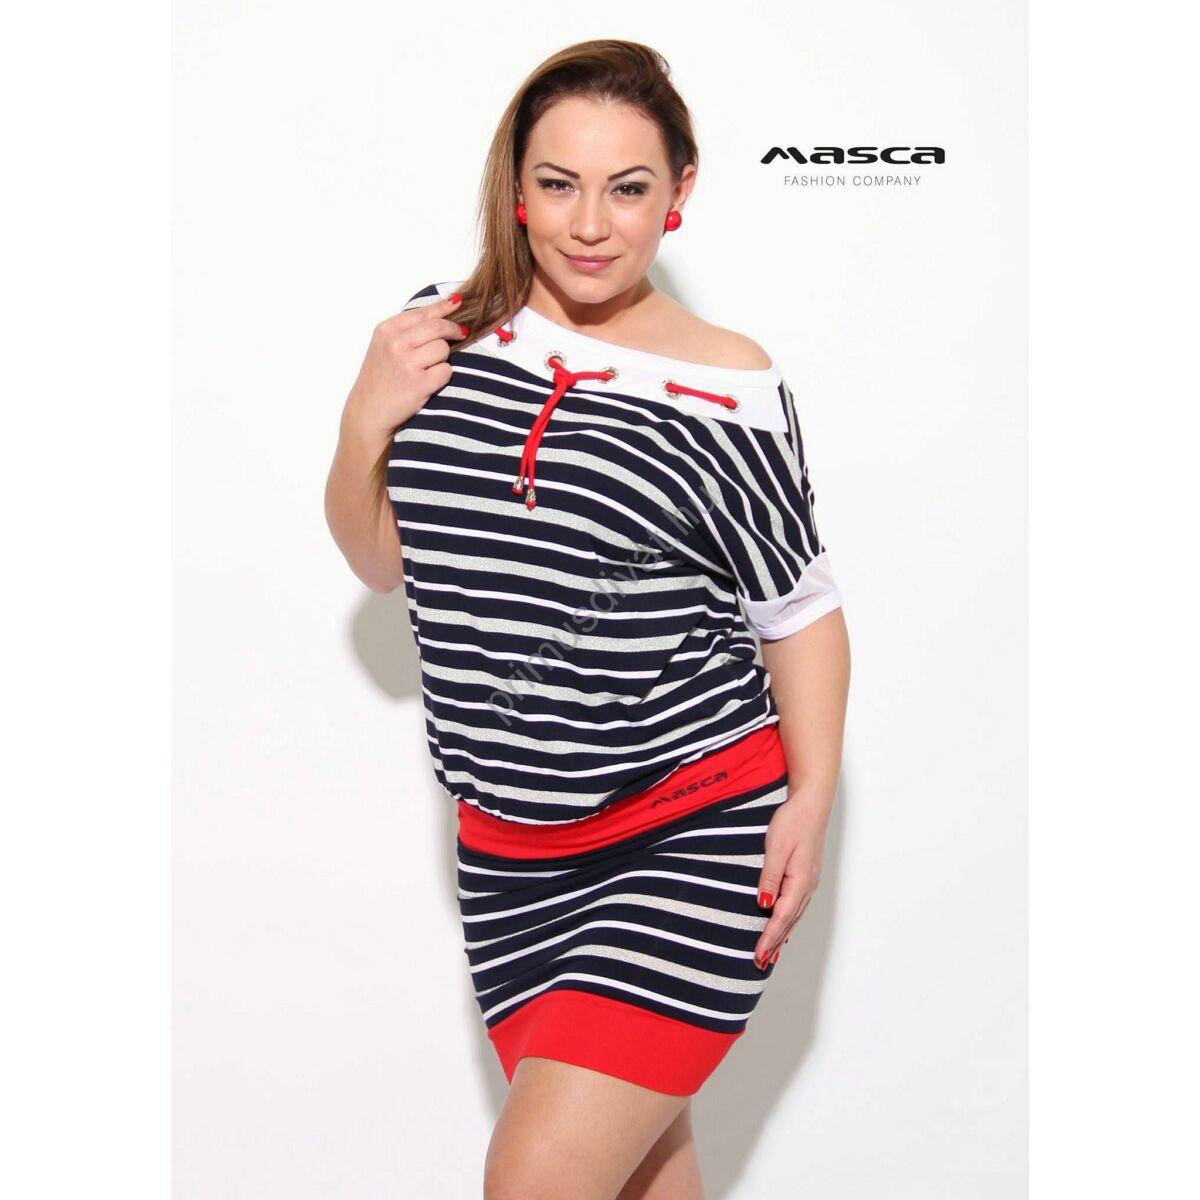 9895b96606 Kép 1/1 - Masca Fashion ékszerkarikás fűzős csónaknyakú kék-fehér  tengerészcsíkos, piros betétes lezser tunika, miniruha